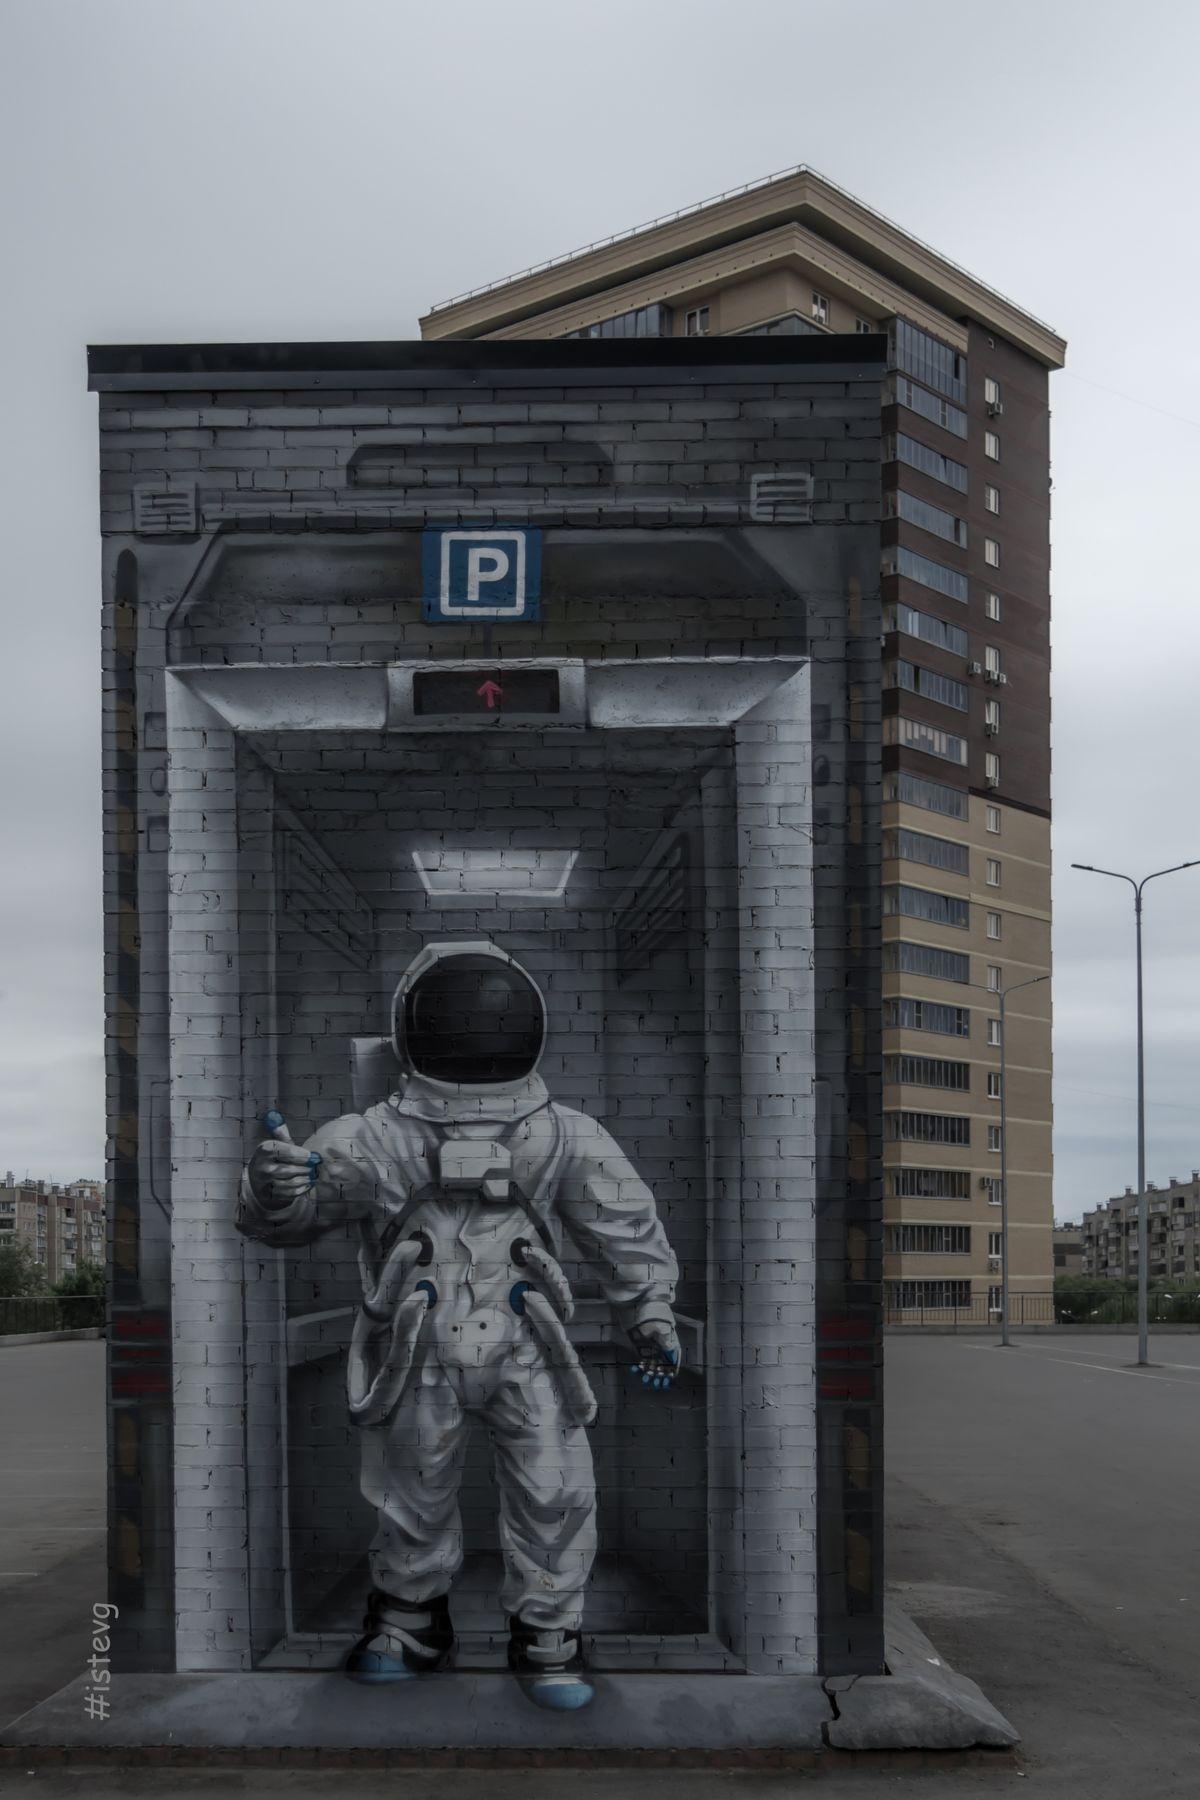 Лифт в Космос. Лифт Космос Космонавт istevg